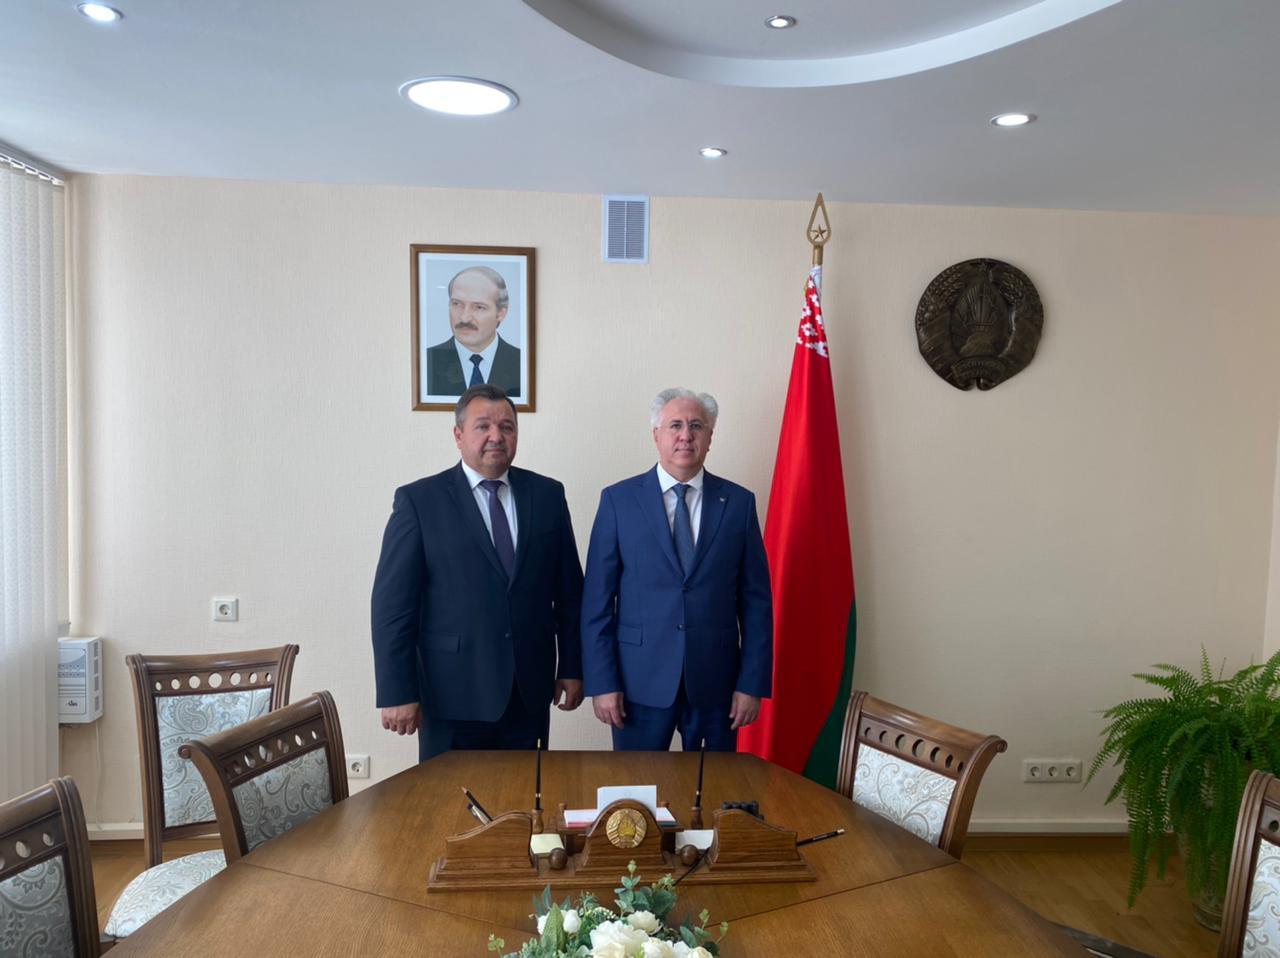 Состоялся официальный визит делегации Российского экологического общества в Республику Беларусь